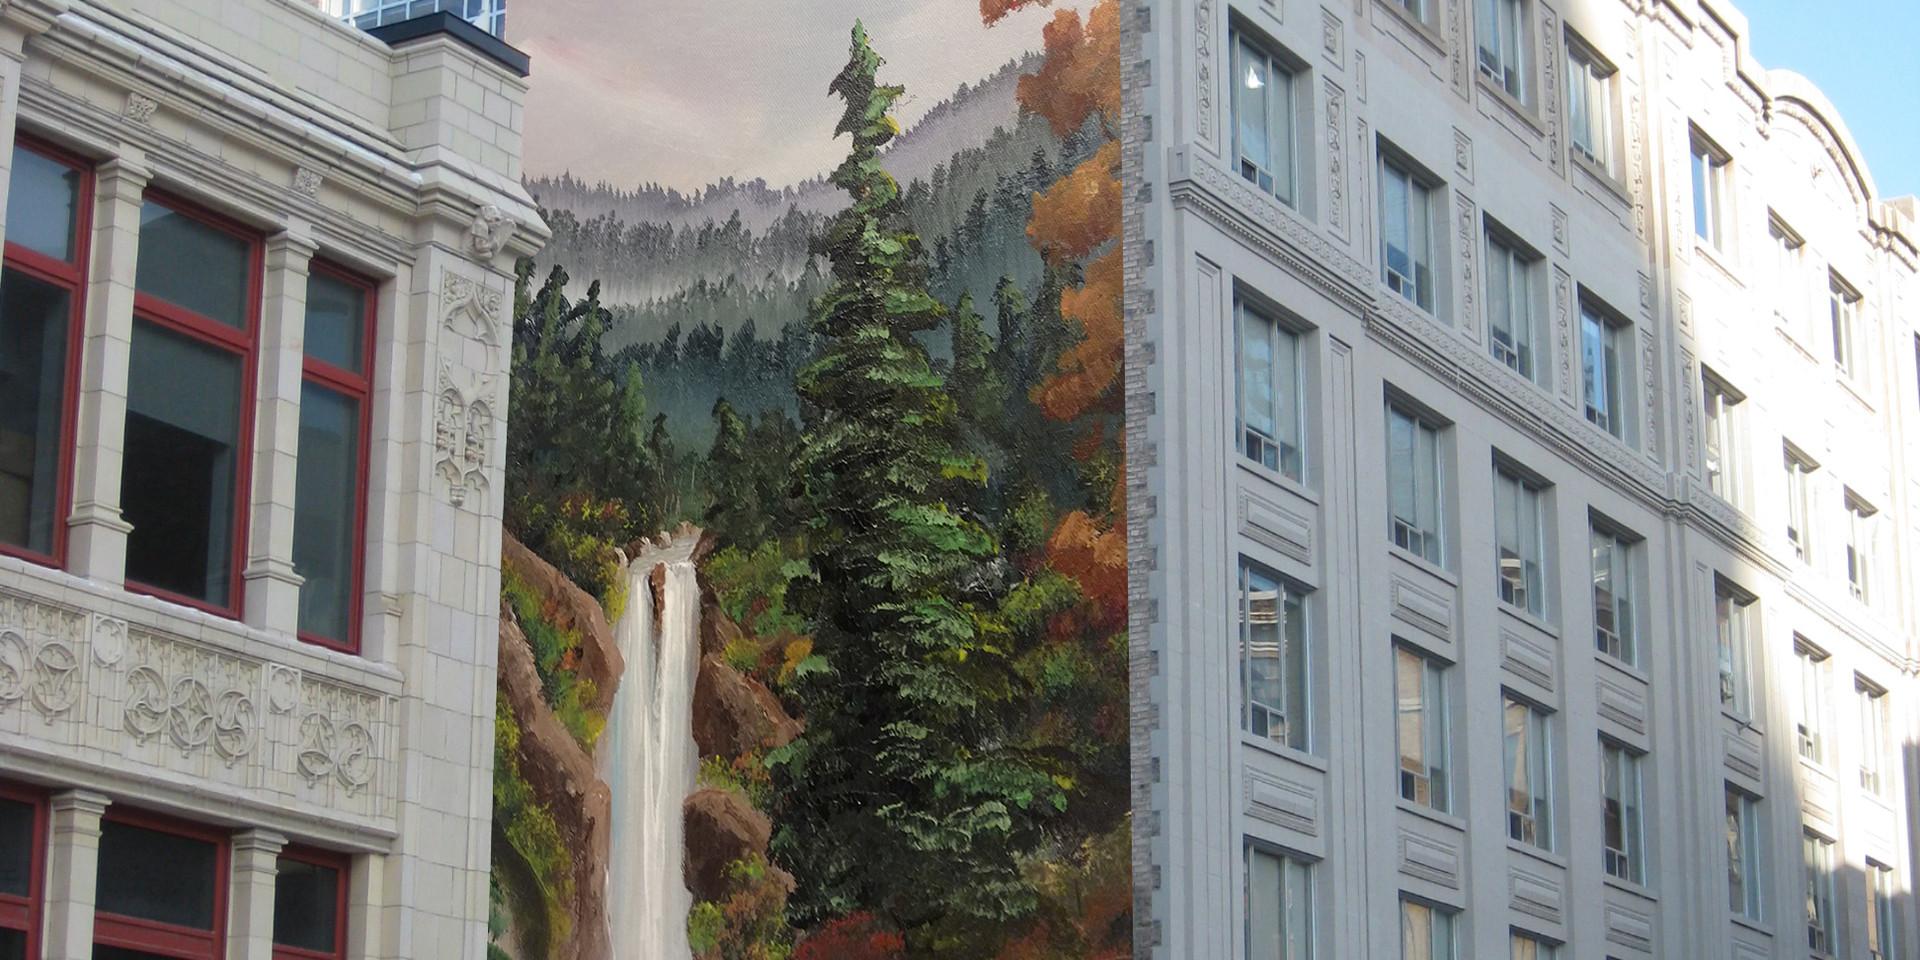 Humboldt, CA custom commercial murals